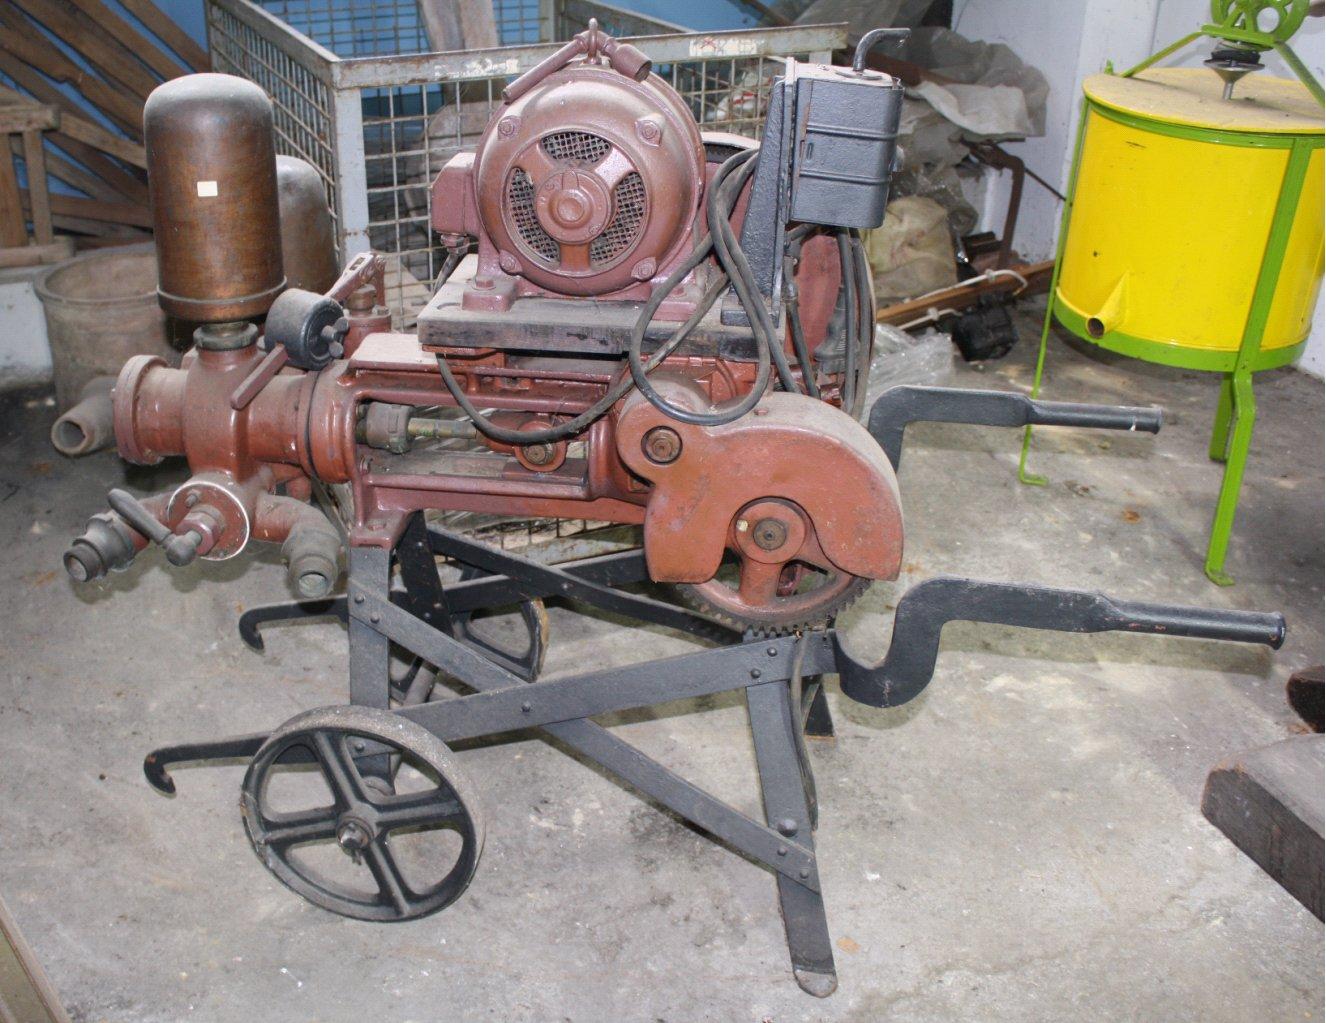 Pumpe mit Elektroantrieb der Marke Elin